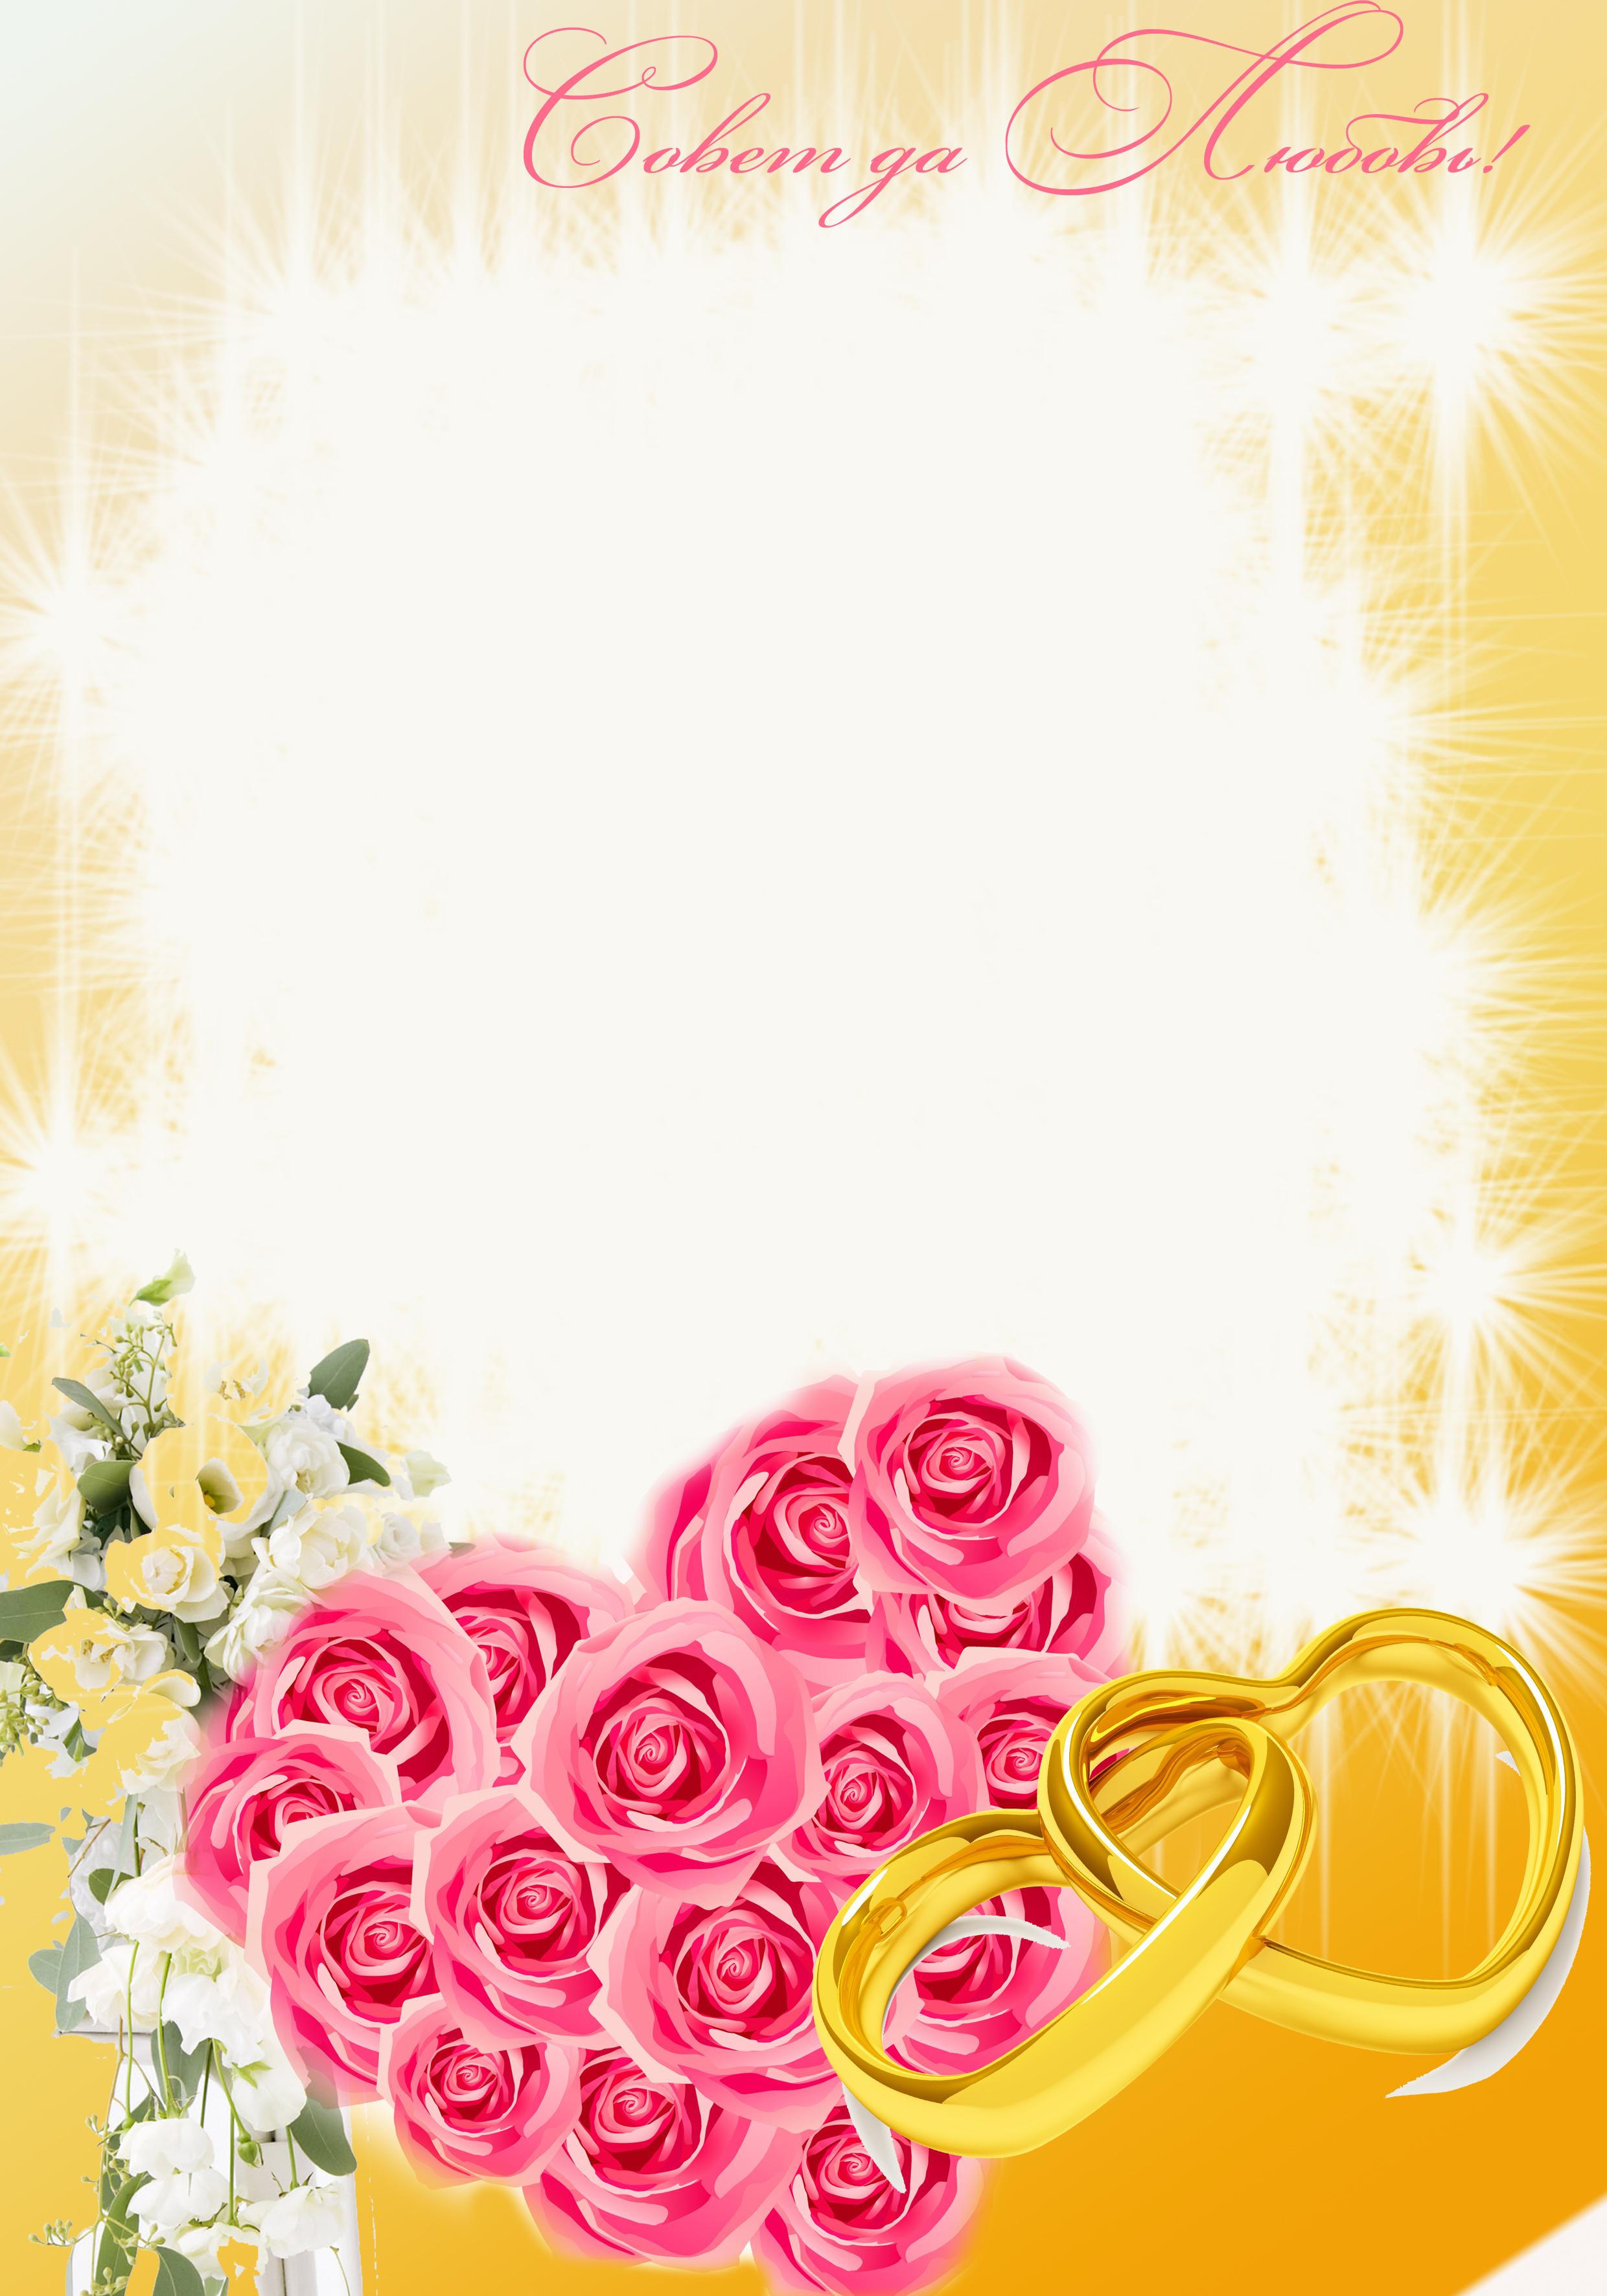 Открытки, шаблон открытки свадебные поздравления